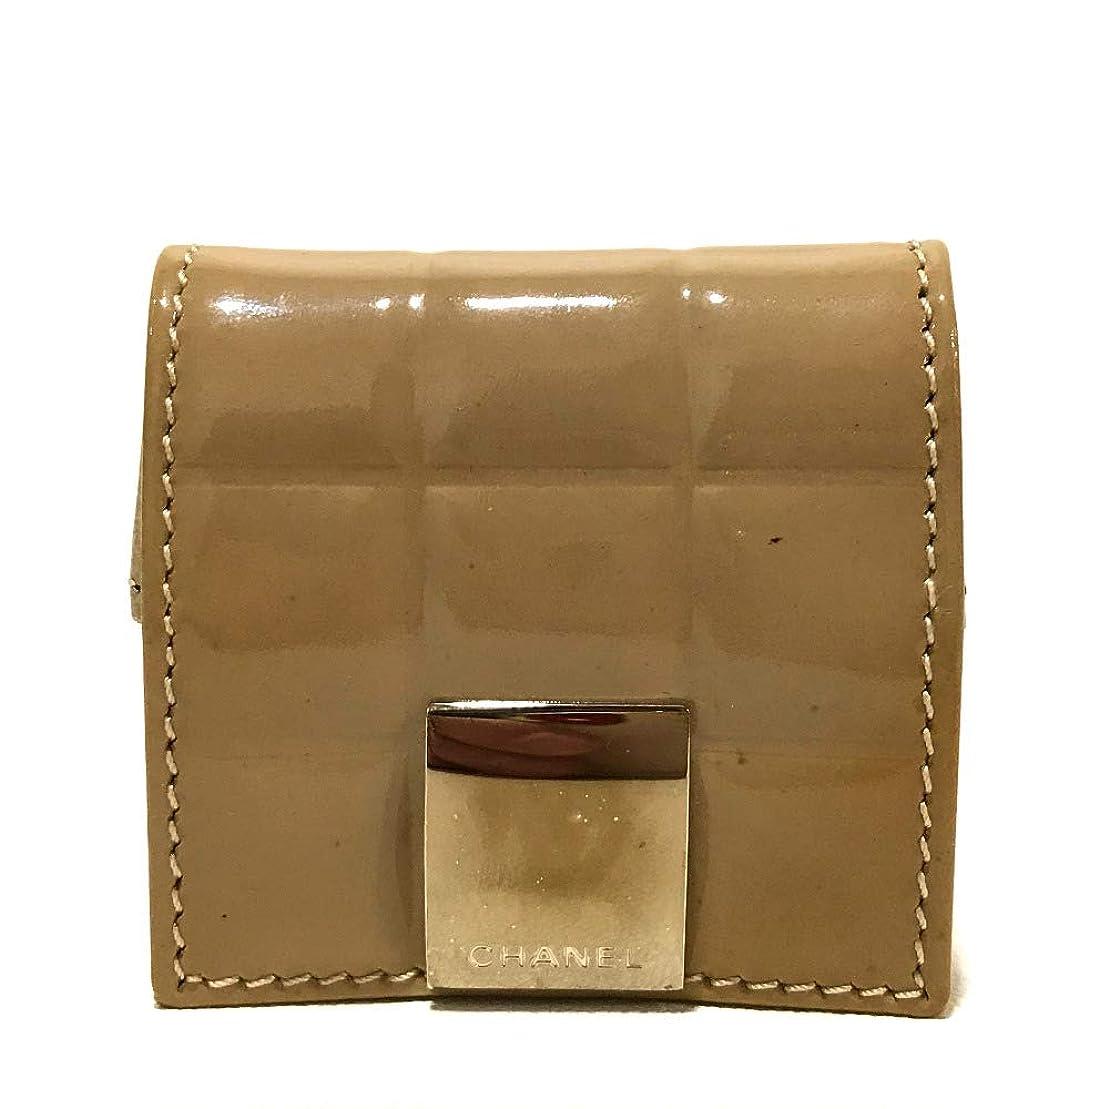 交換バースト聖なる(シャネル)CHANEL A19273 チョコバー 小物入れ 小銭入れ 財布 コインケース パテントレザー レディース 中古